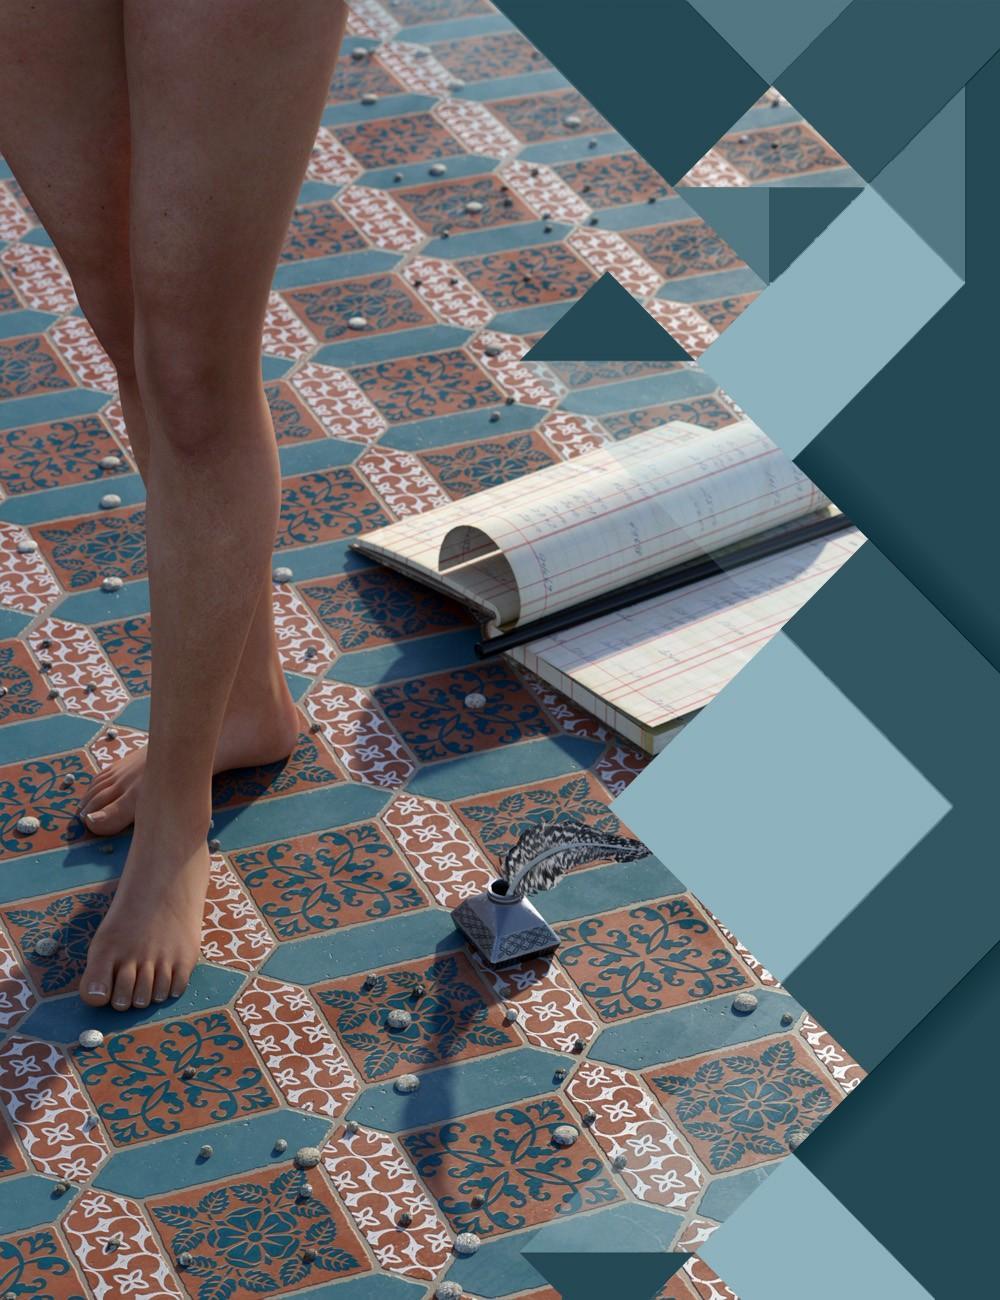 Medieval Inspired Floor Tile Shaders Vol 2